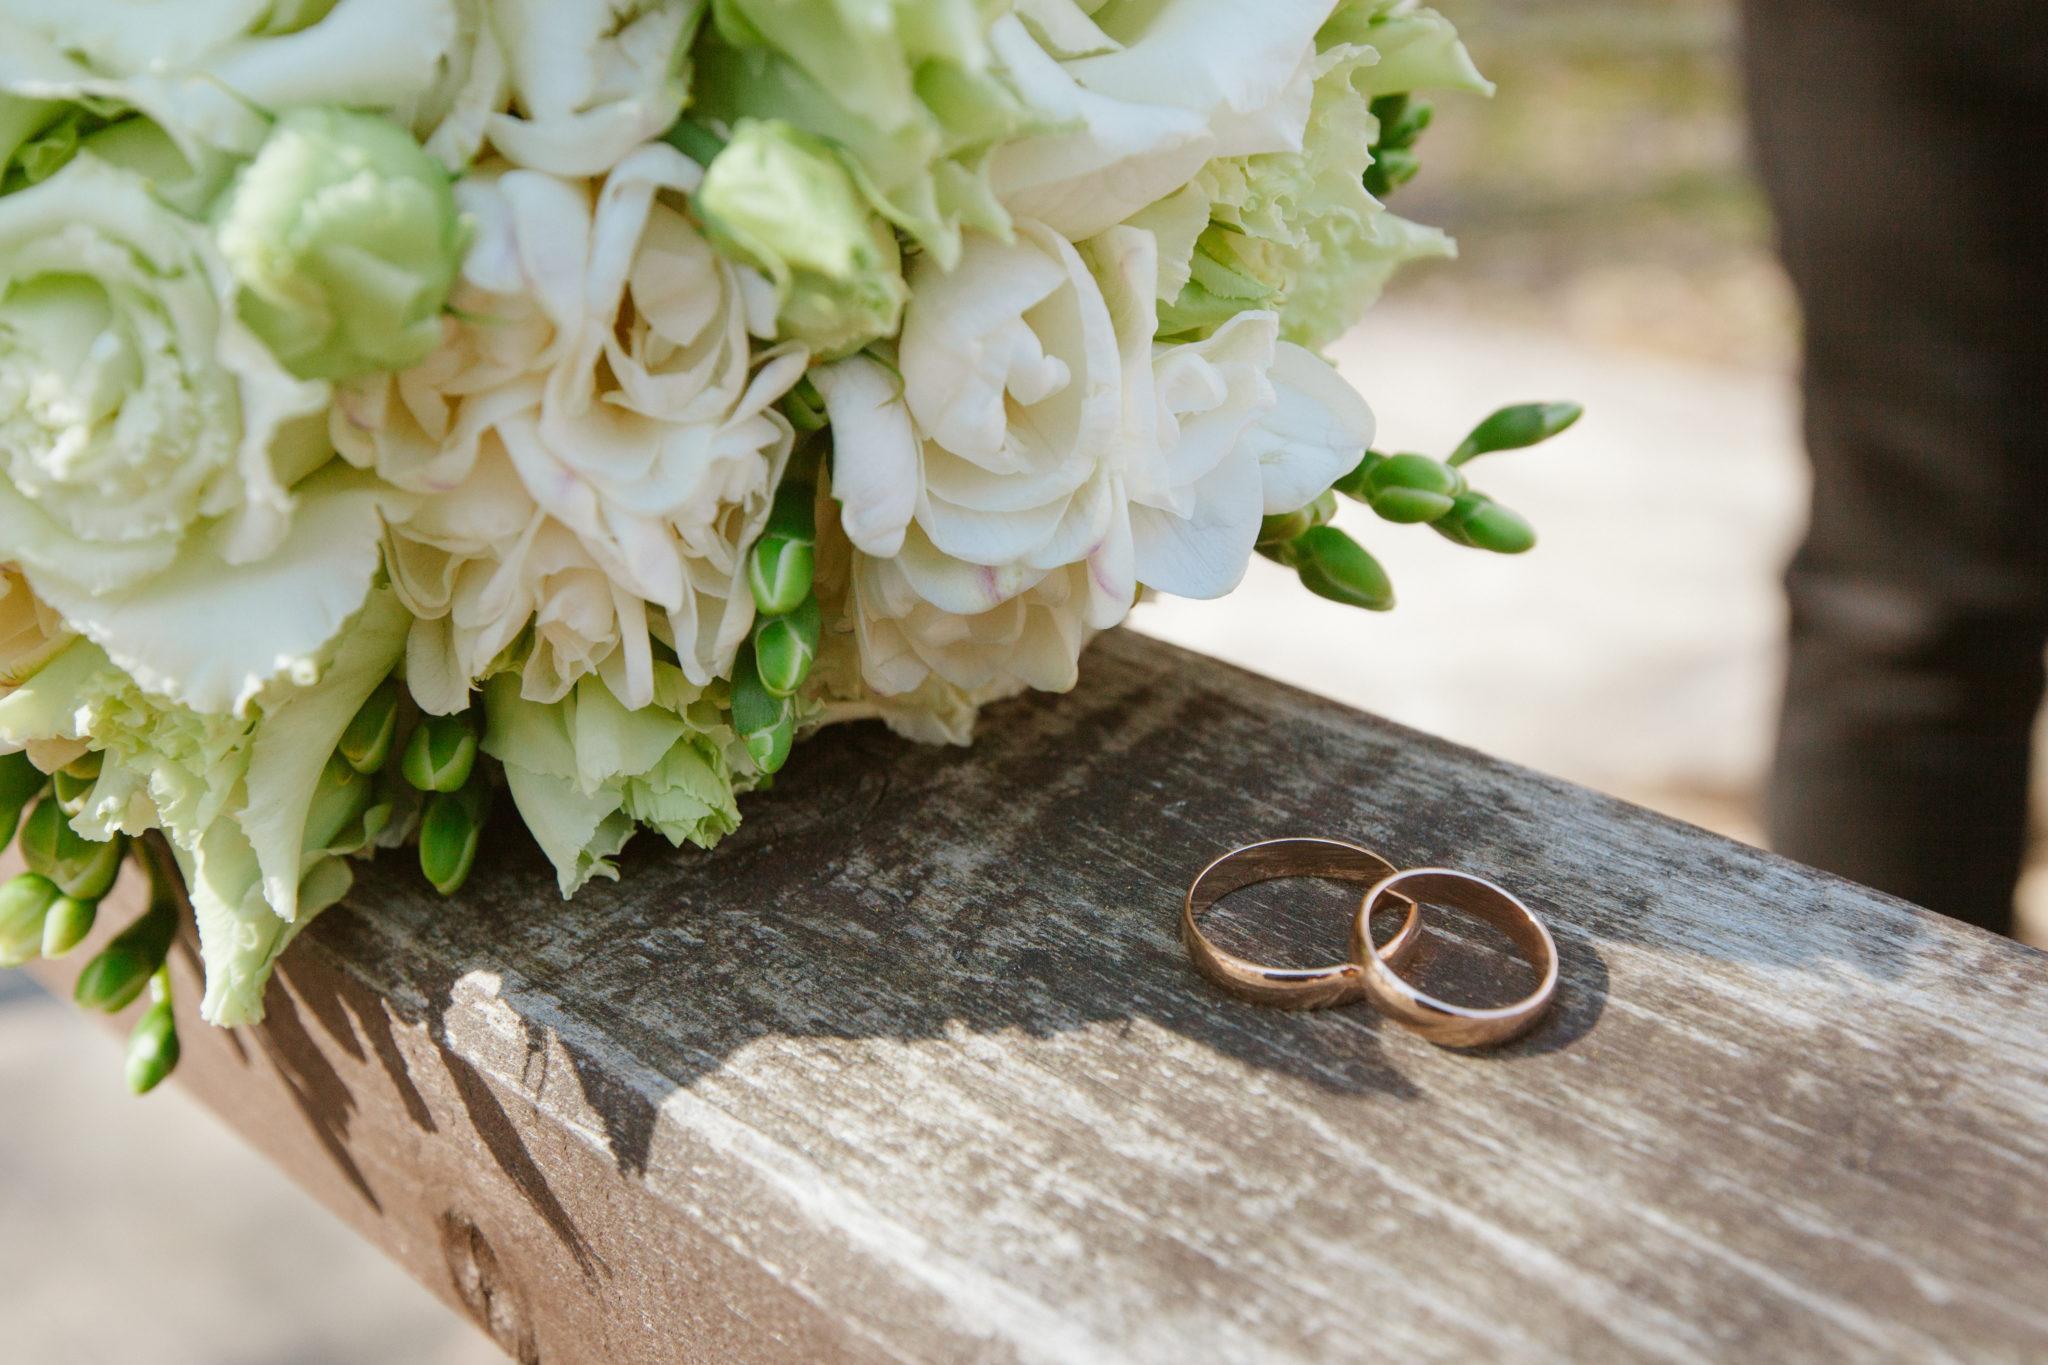 Meine Hochzeit. Mein Tag. Trauringe neben Blumenstrauß